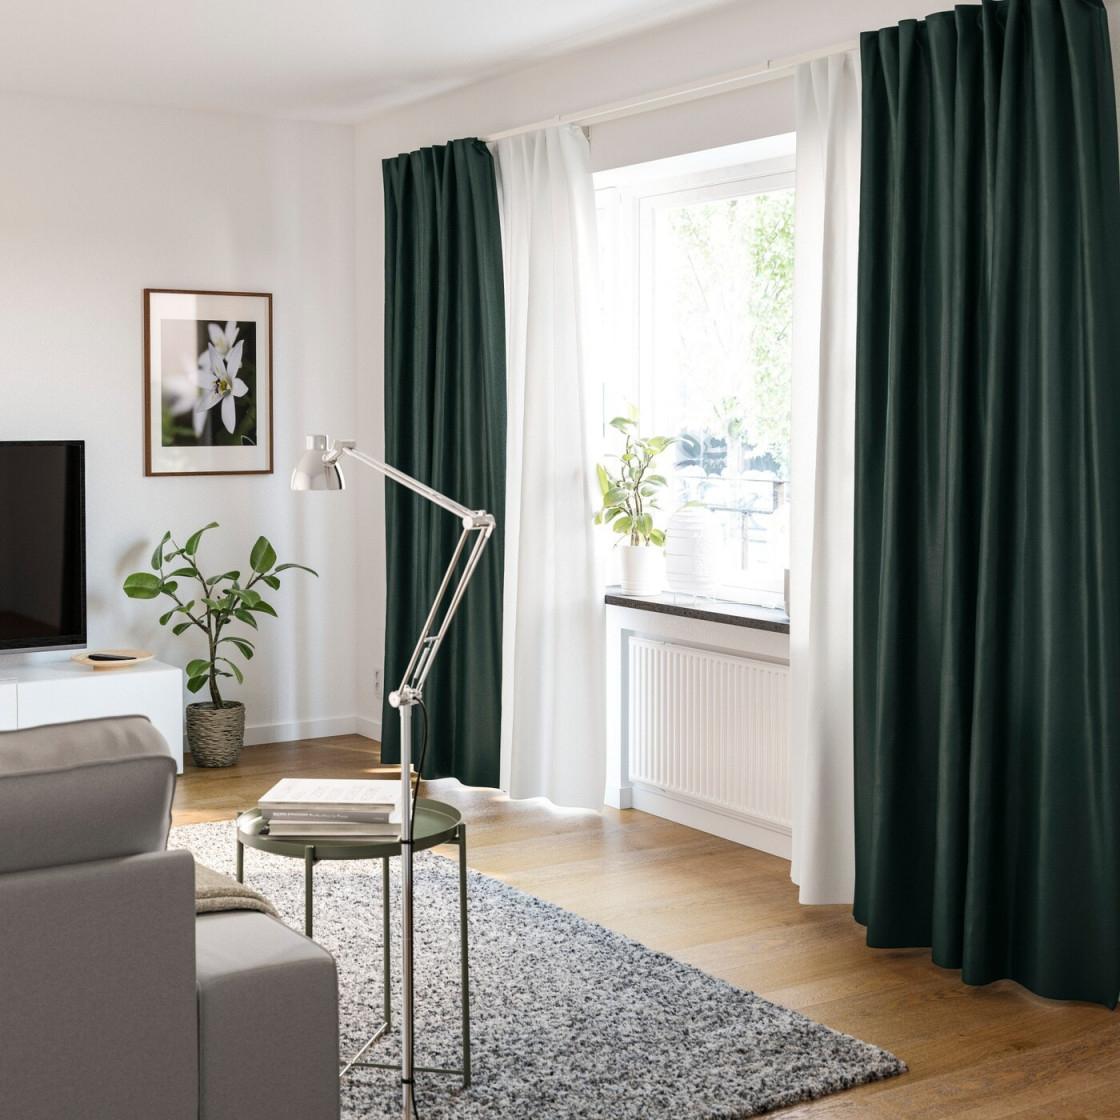 Gardinenideen Inspirationen Für Dein Zuhause  Ikea von Gardinen Ideen Für Wohnzimmer Fenster Photo